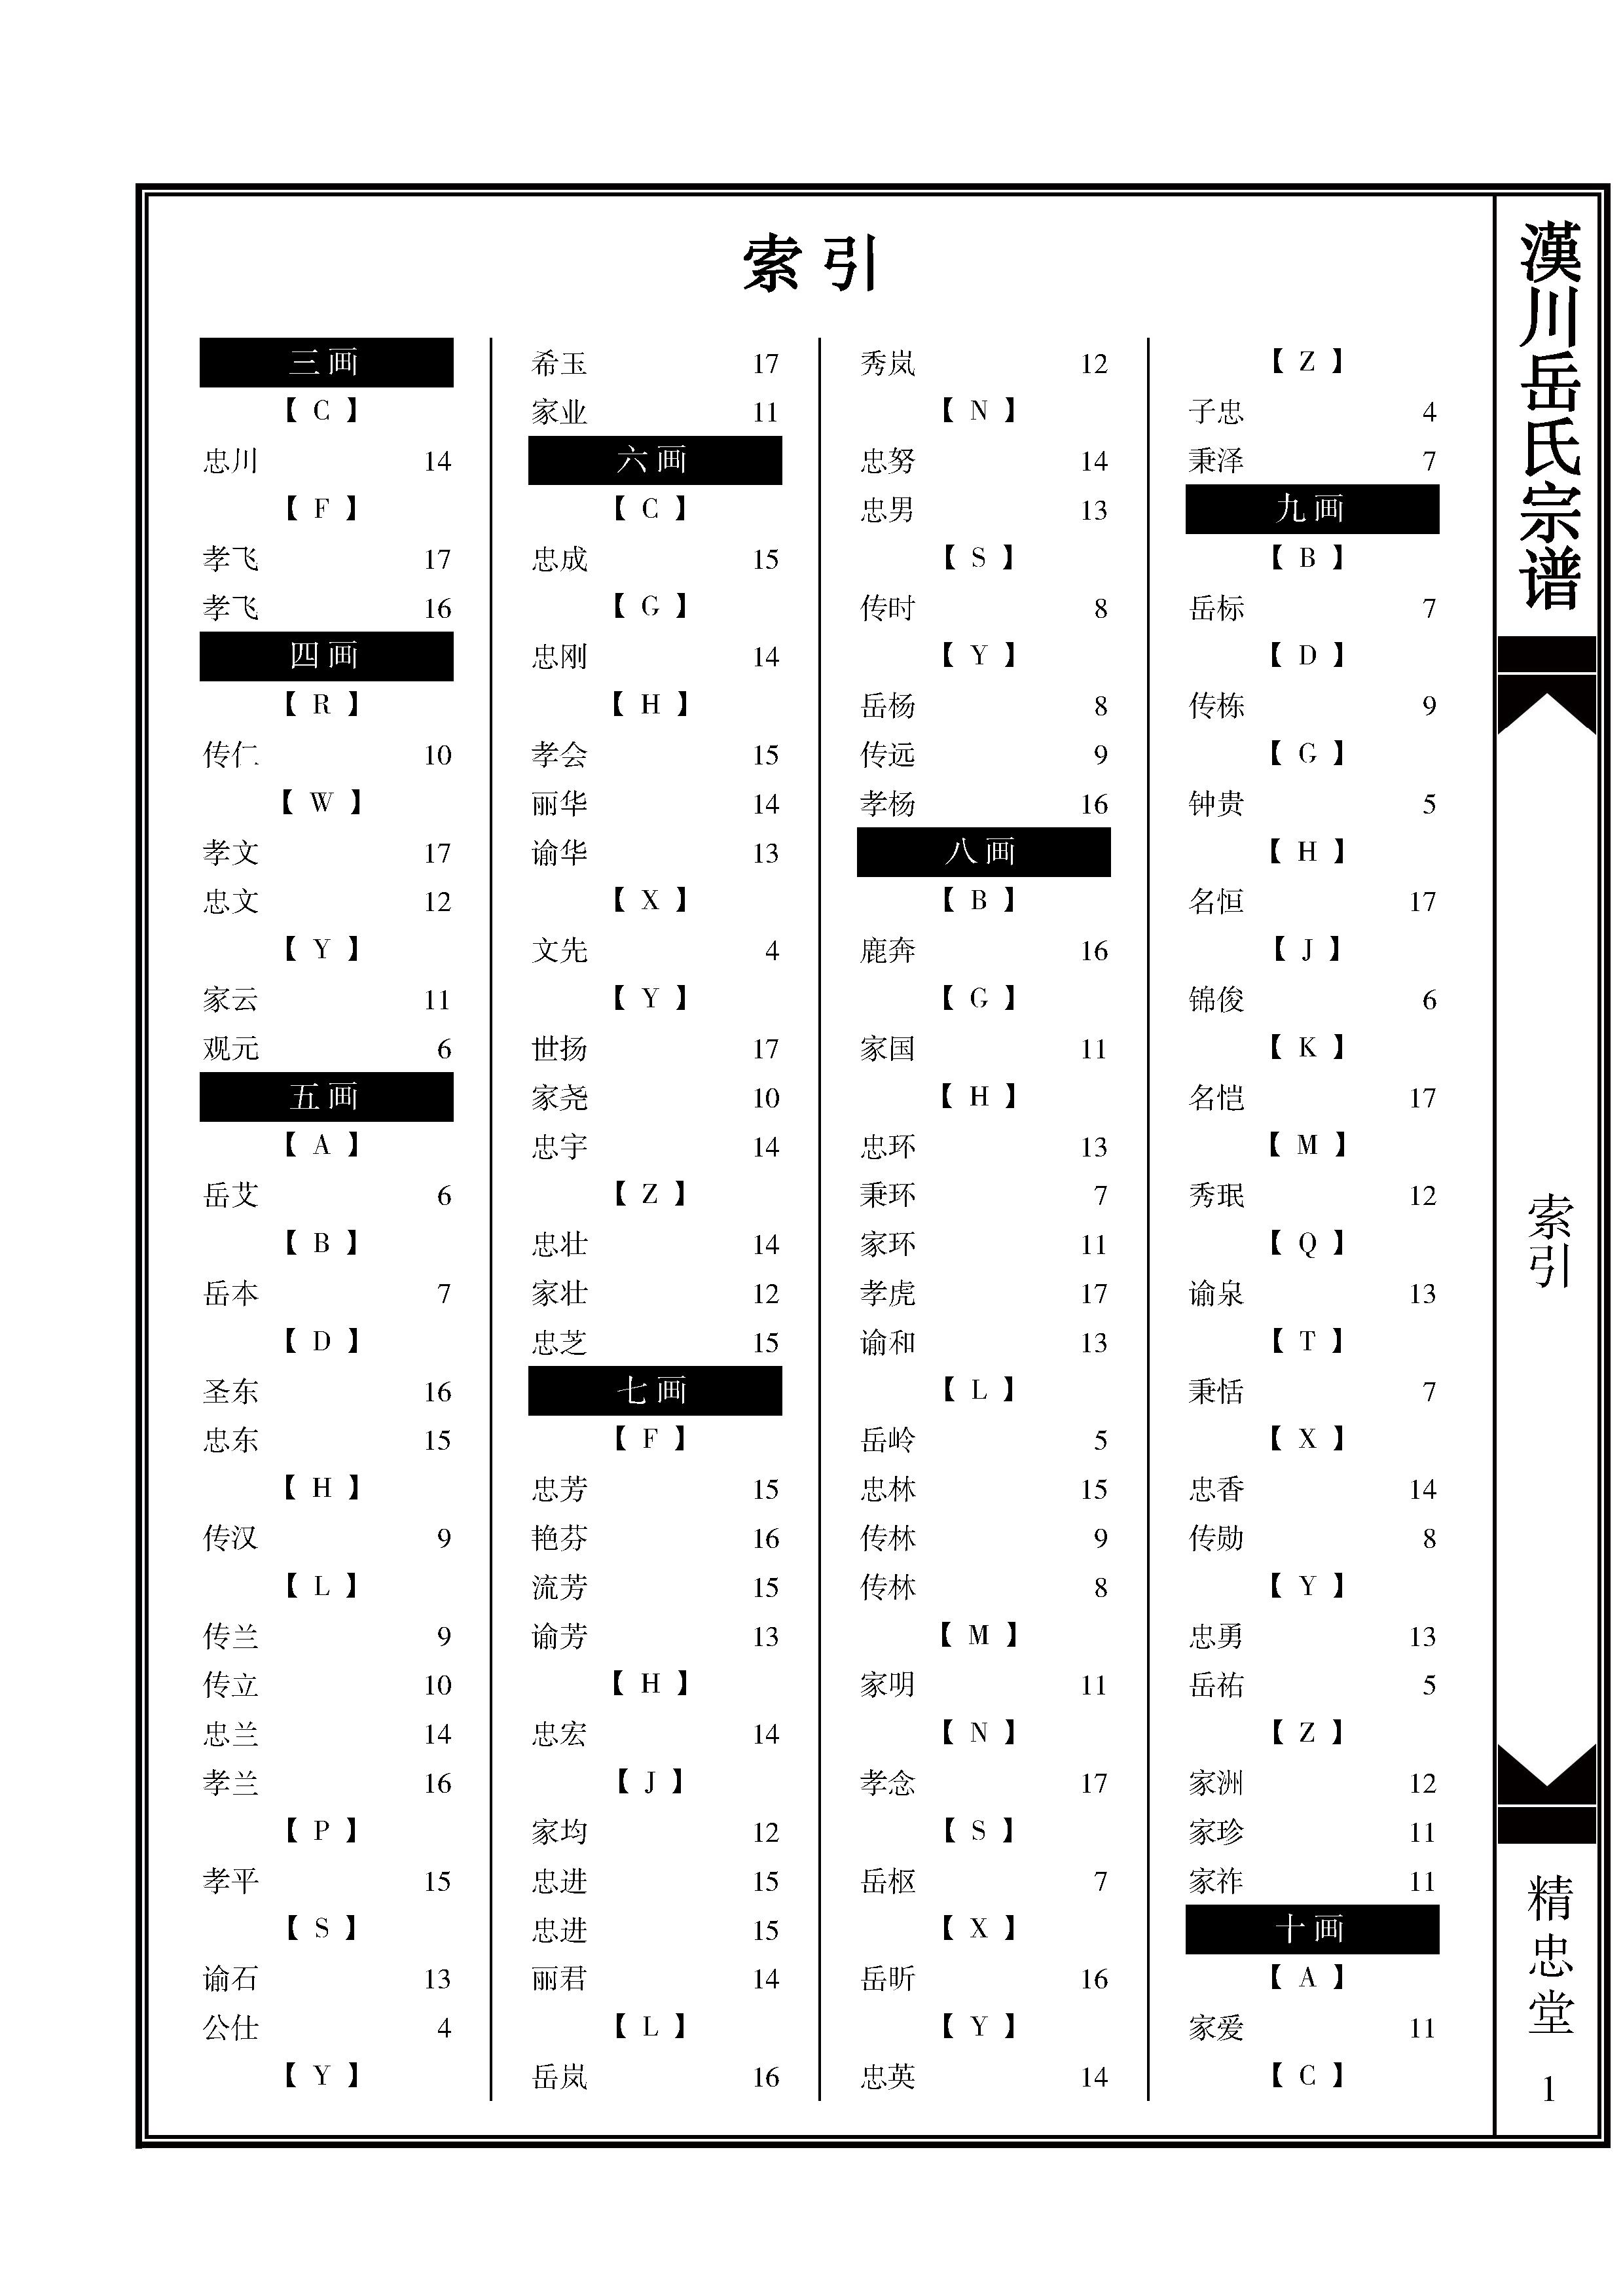 页面提取自-03新现代表格式_页面_2